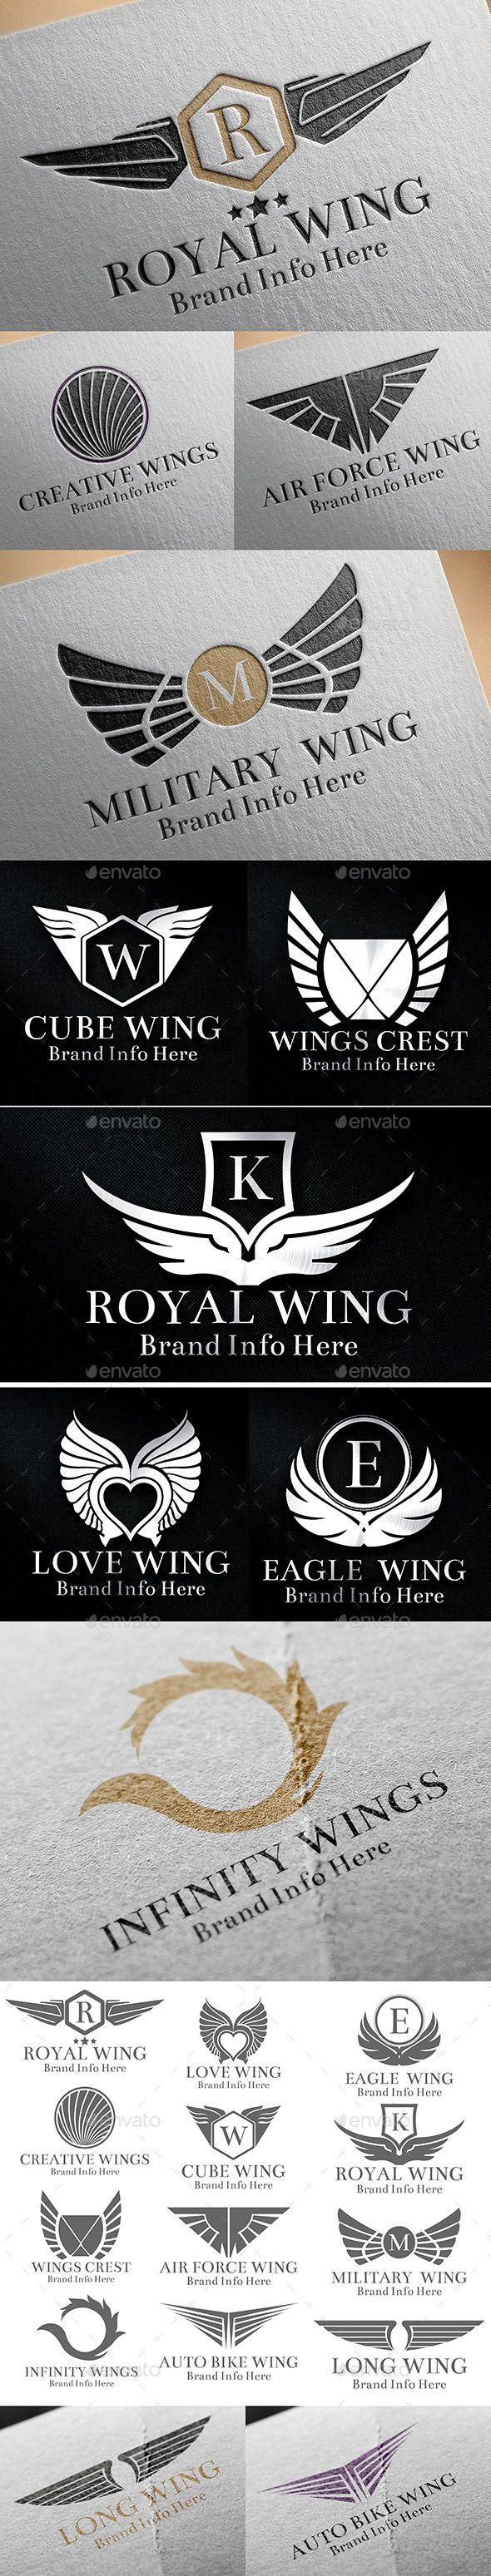 Heraldic Wings Logos - Download…